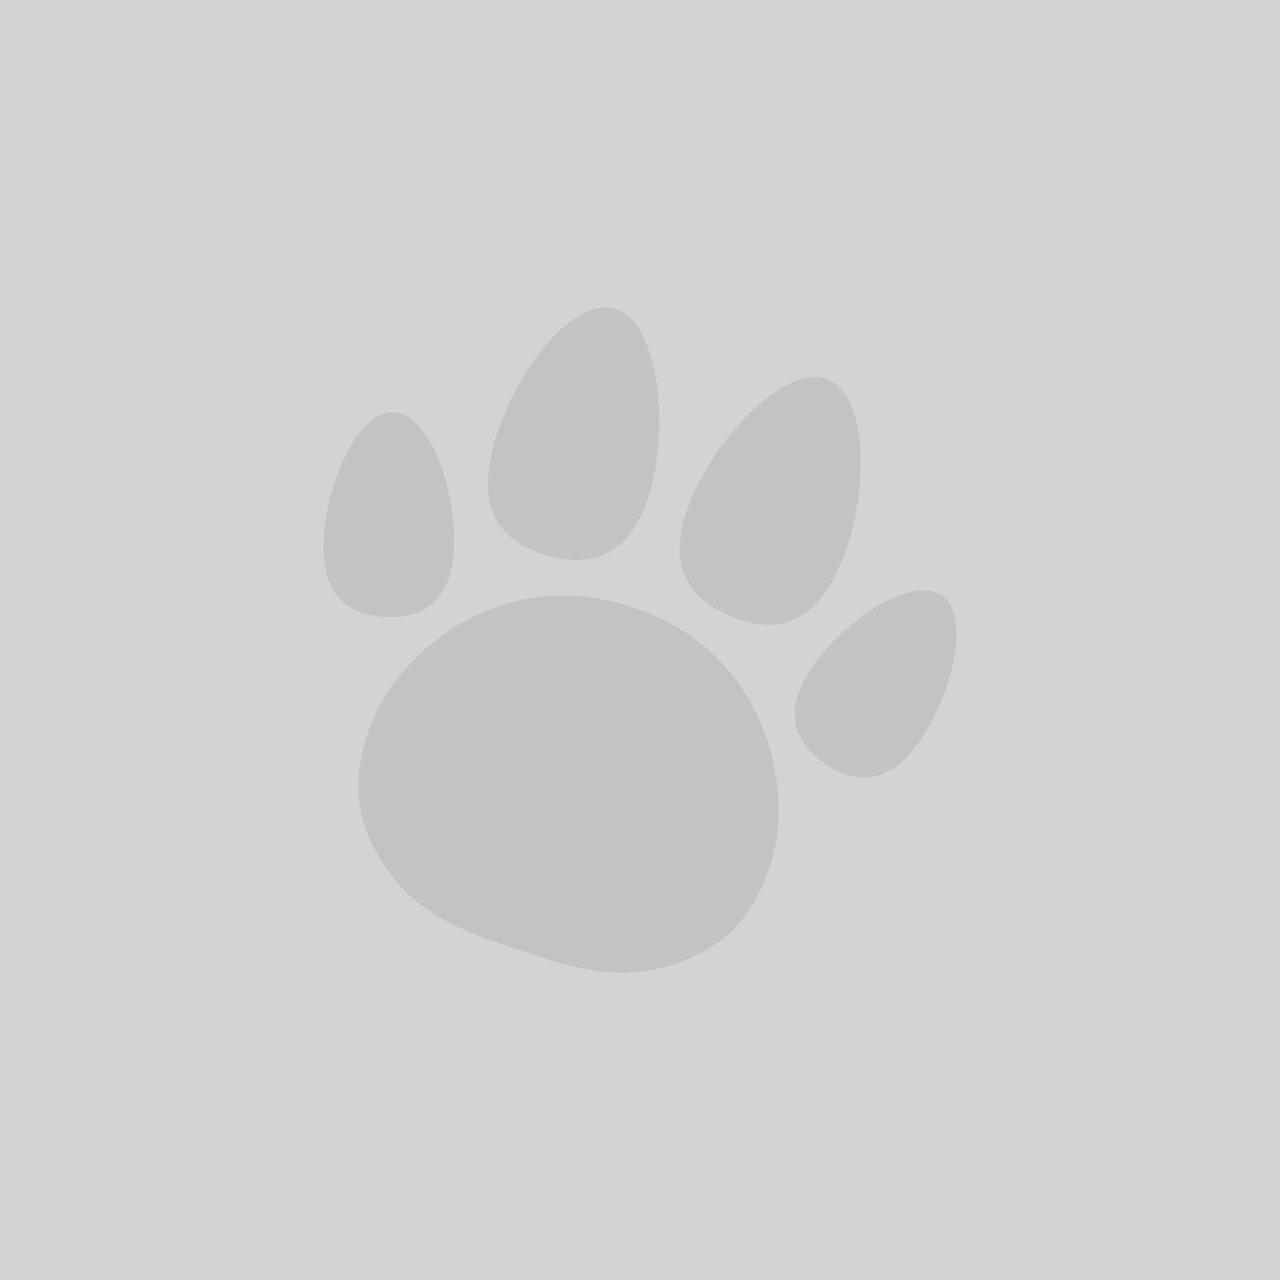 Pedigree Dentastix for Large Dogs 28 pack